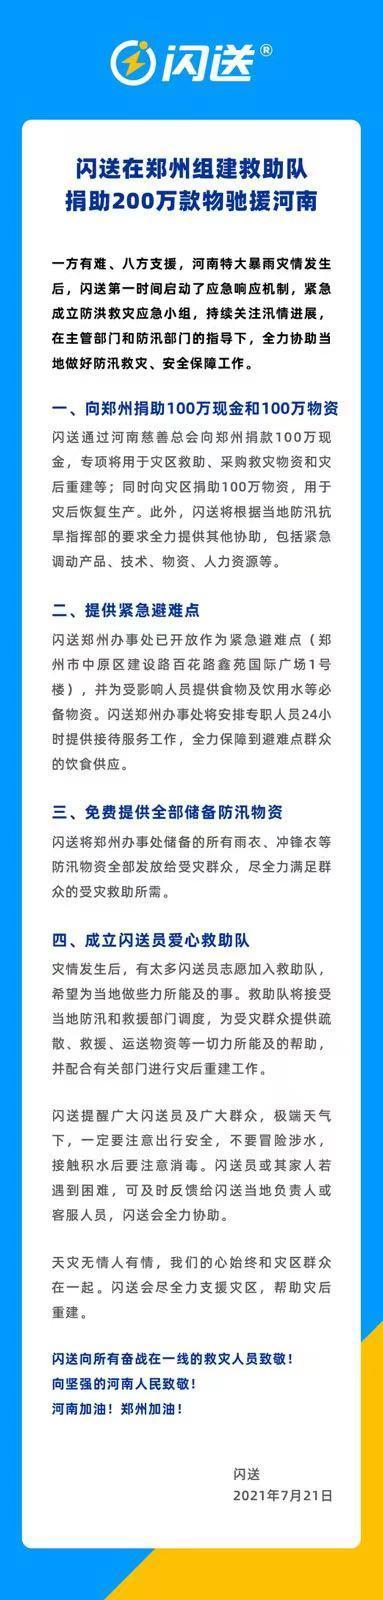 闪送在郑州组建援助队,捐助200万款物驰援河南